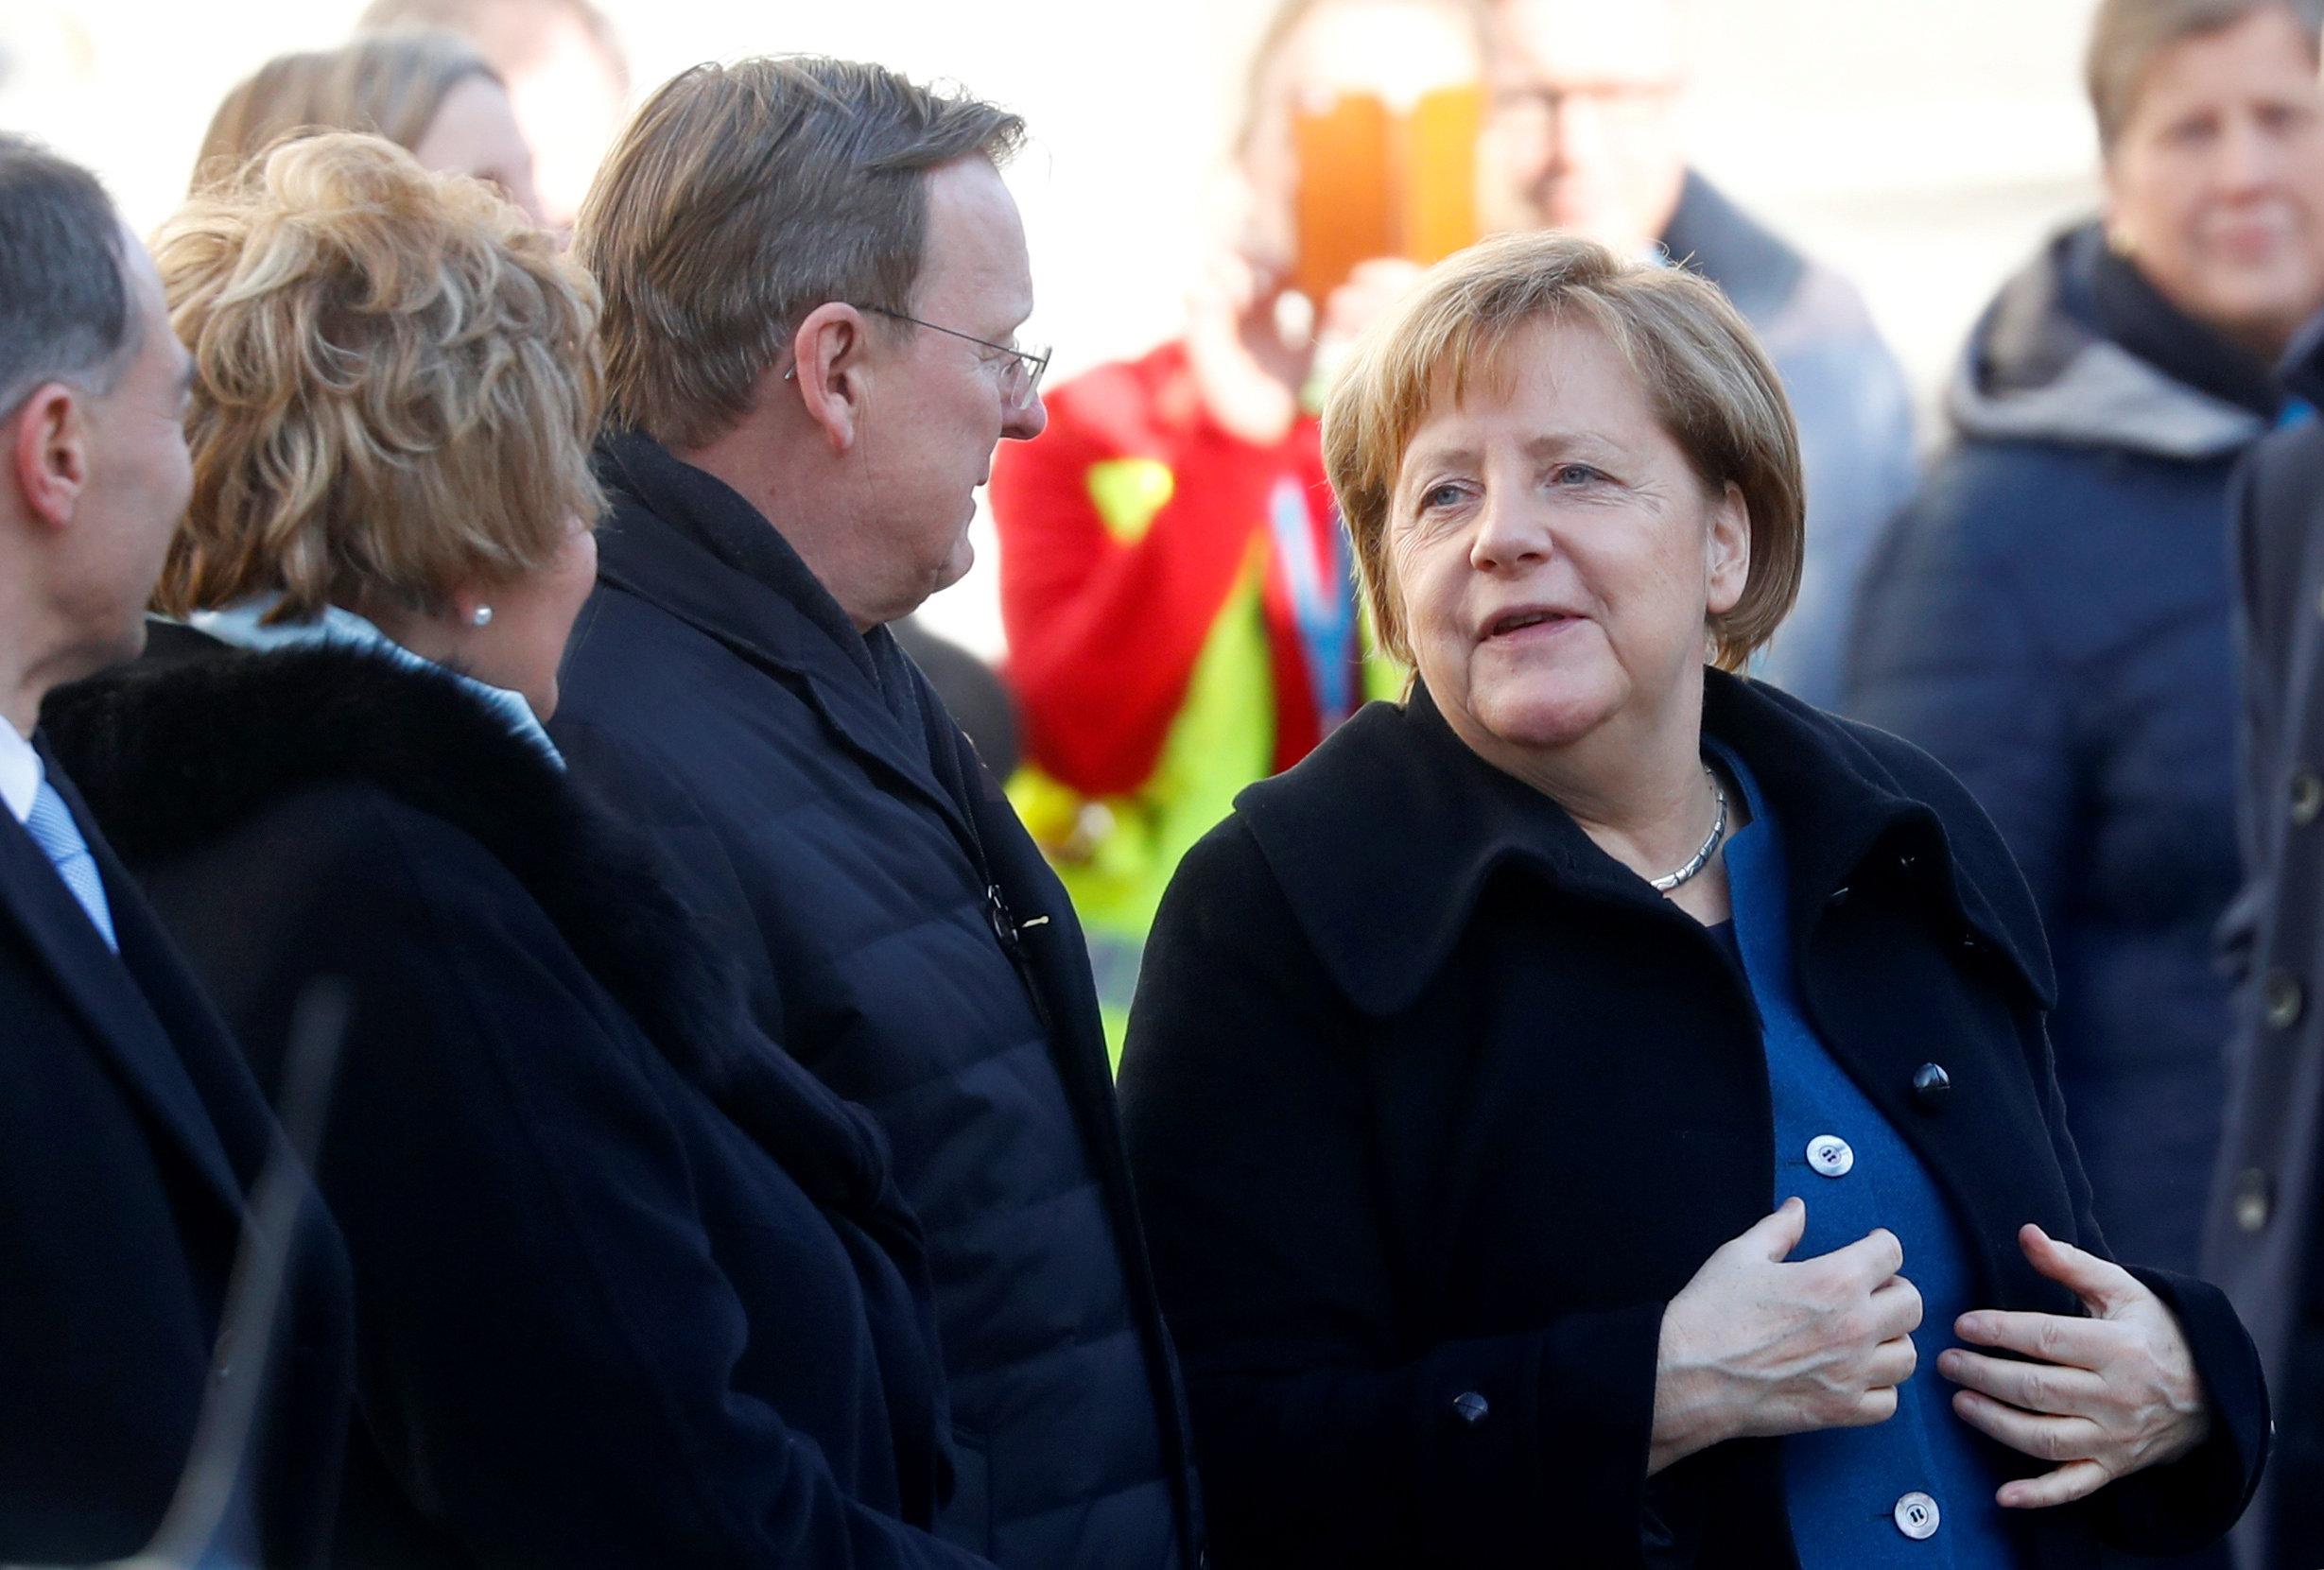 La canciller alemana Angela Merkel en Weimar para celebrar los cien años de la primera constitución democrática de Alemania (Reuters)